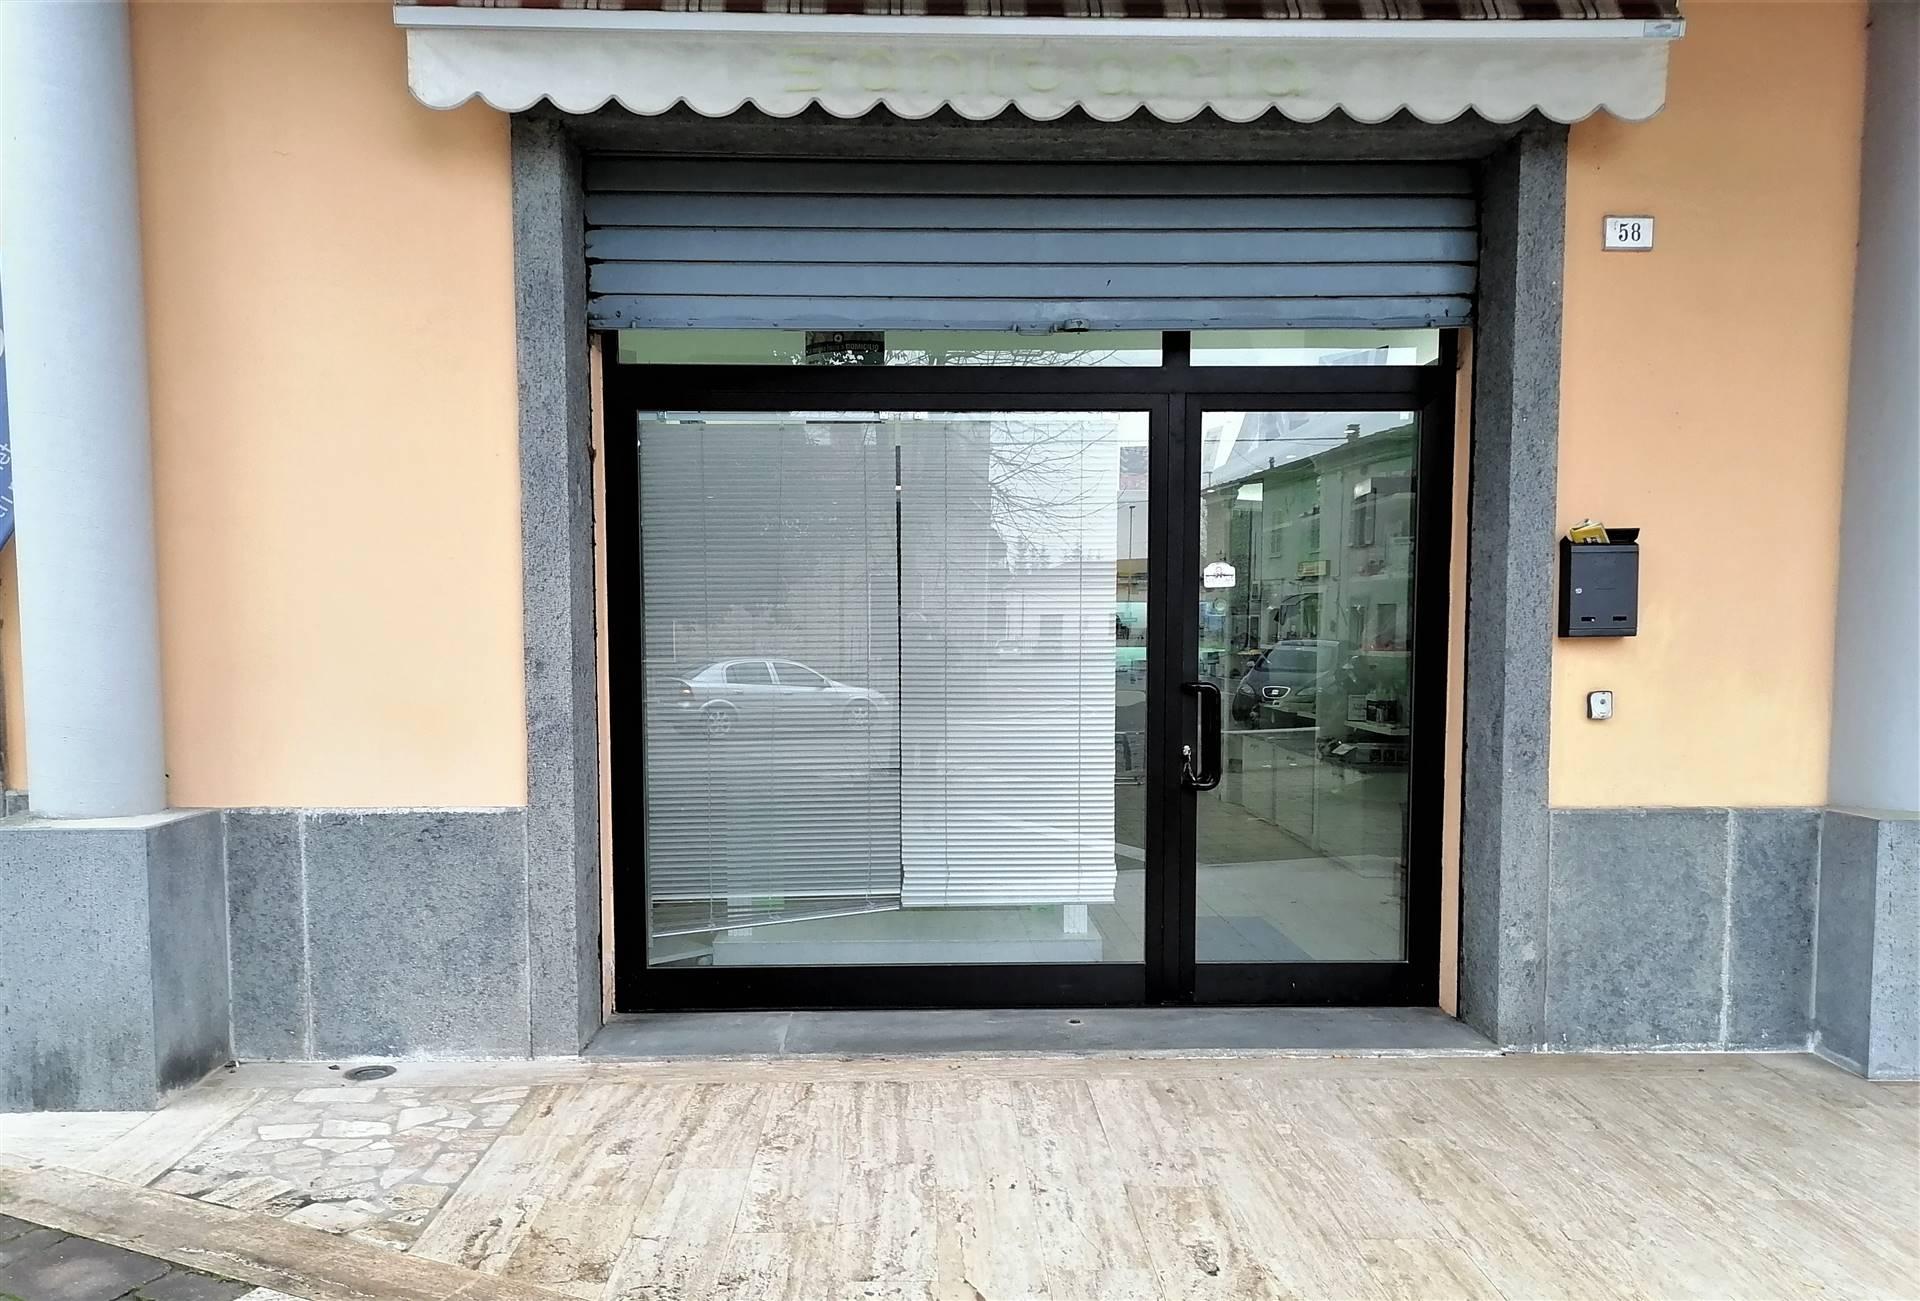 Negozio / Locale in vendita a Fabro, 2 locali, zona Zona: Fabro Scalo, prezzo € 107.000   CambioCasa.it